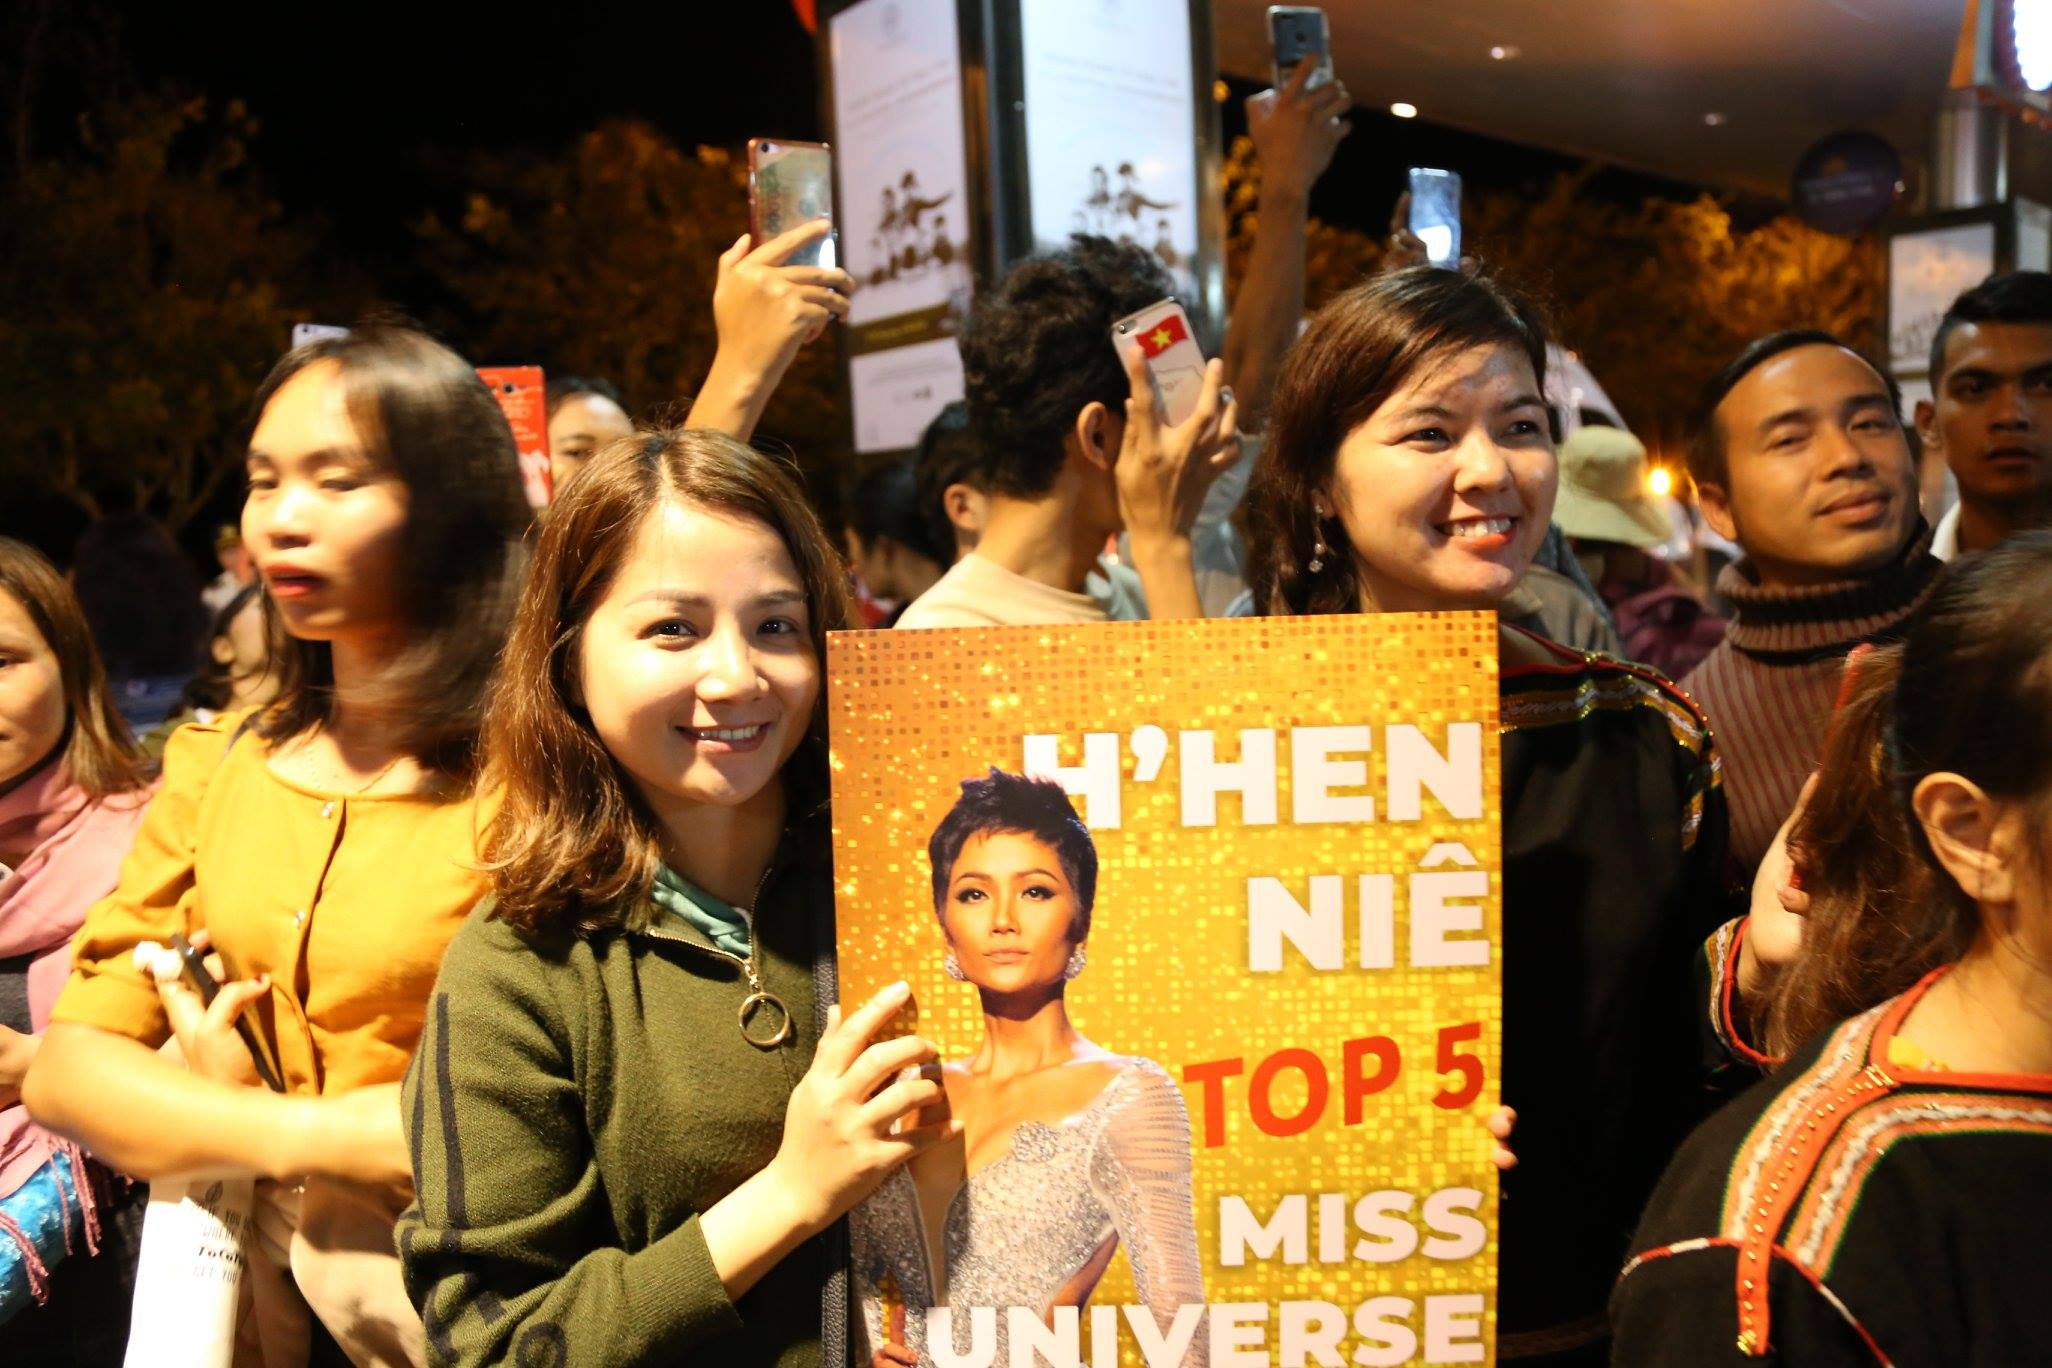 Tỉnh Đắk Lắk mời hoa hậu H'Hen Niê làm đại sứ cho cà phê Buôn Ma Thuột - Ảnh 2